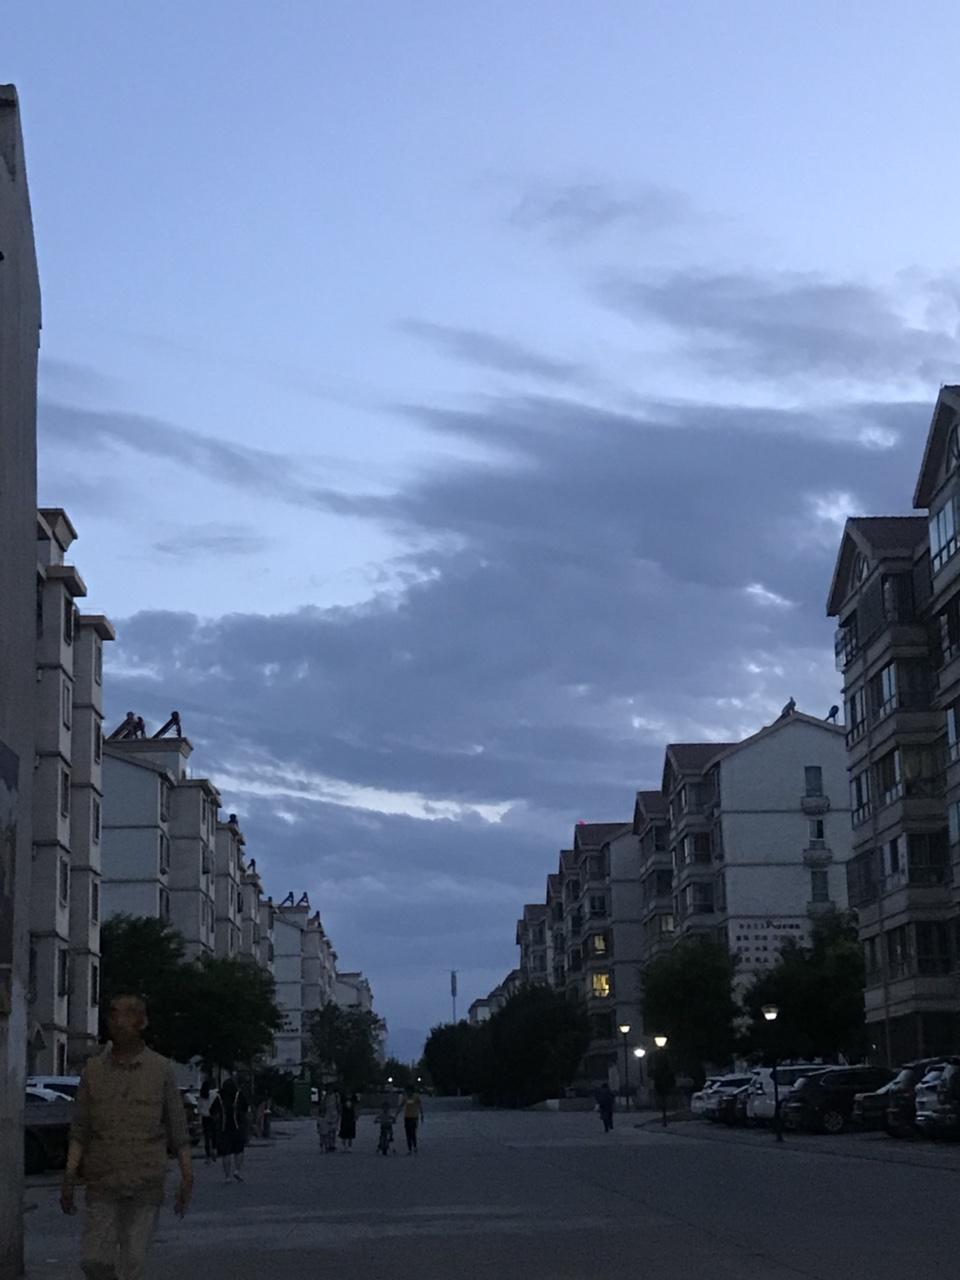 夜观天象,掐指一算。明天会有真命天子出现